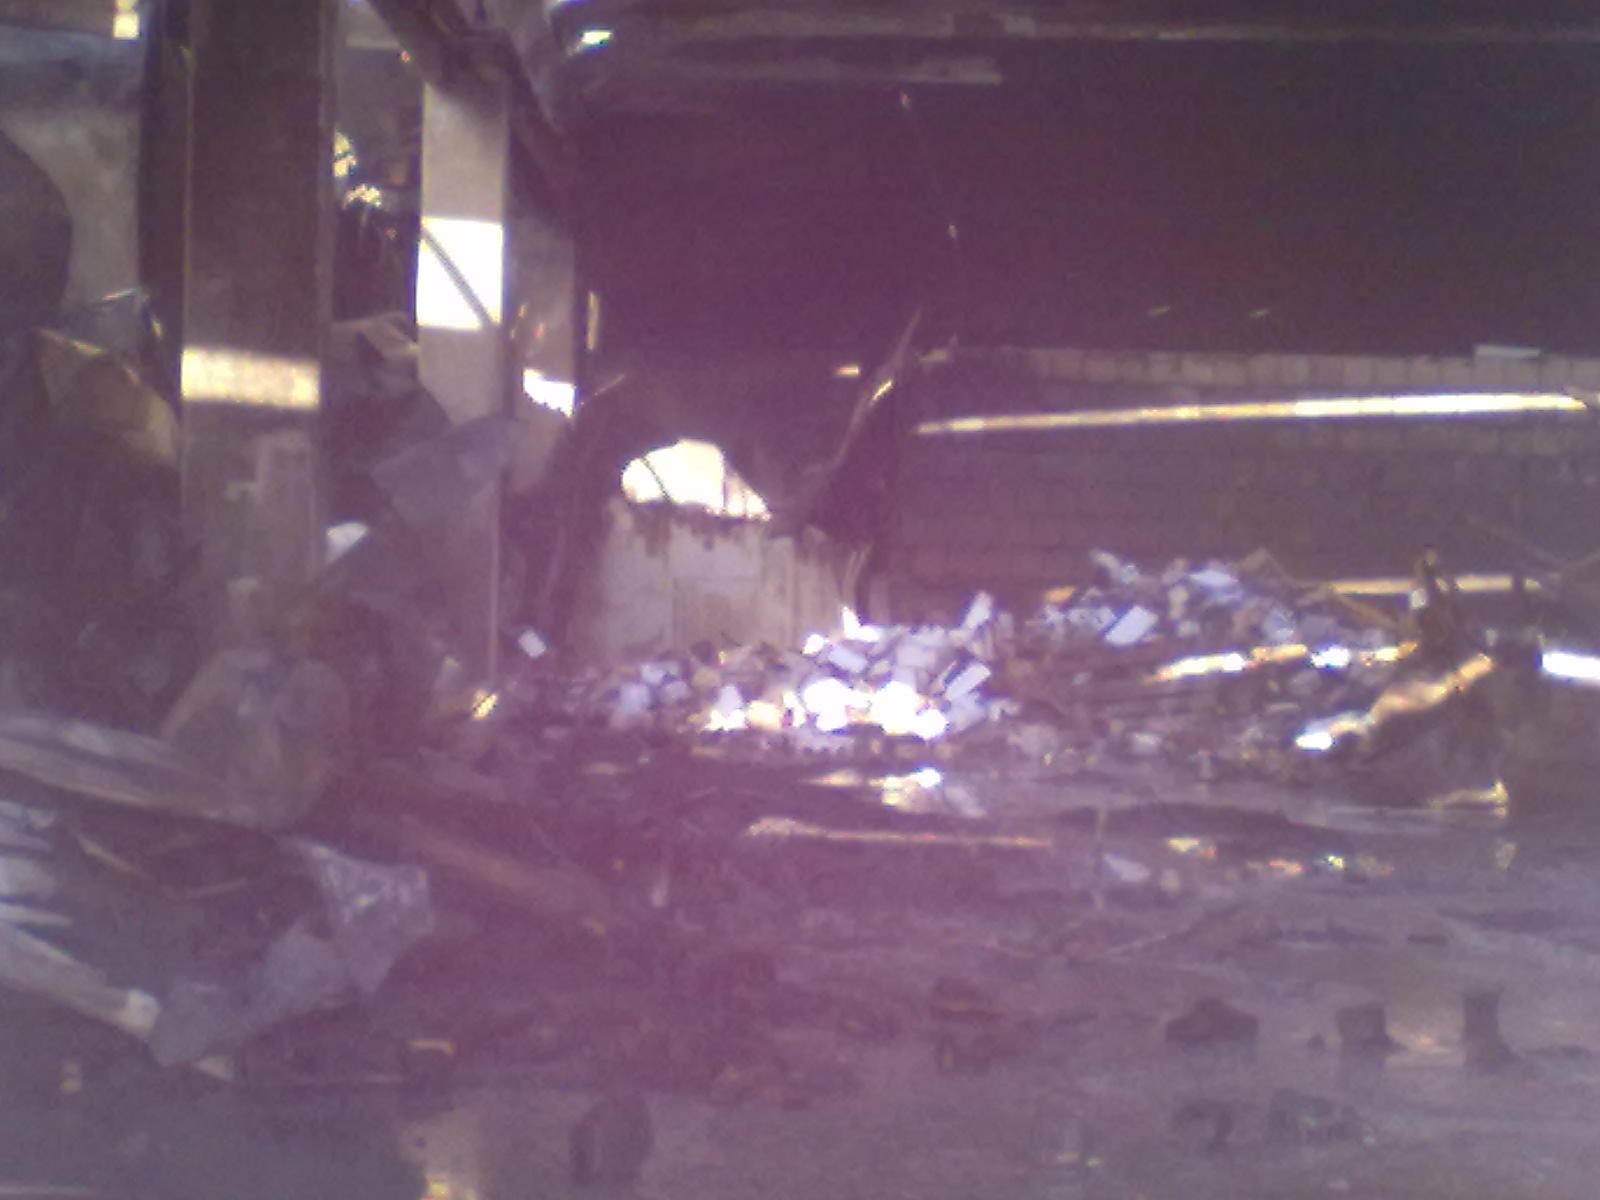 Parte dell'interno dello stabilimento dopo l'incendio